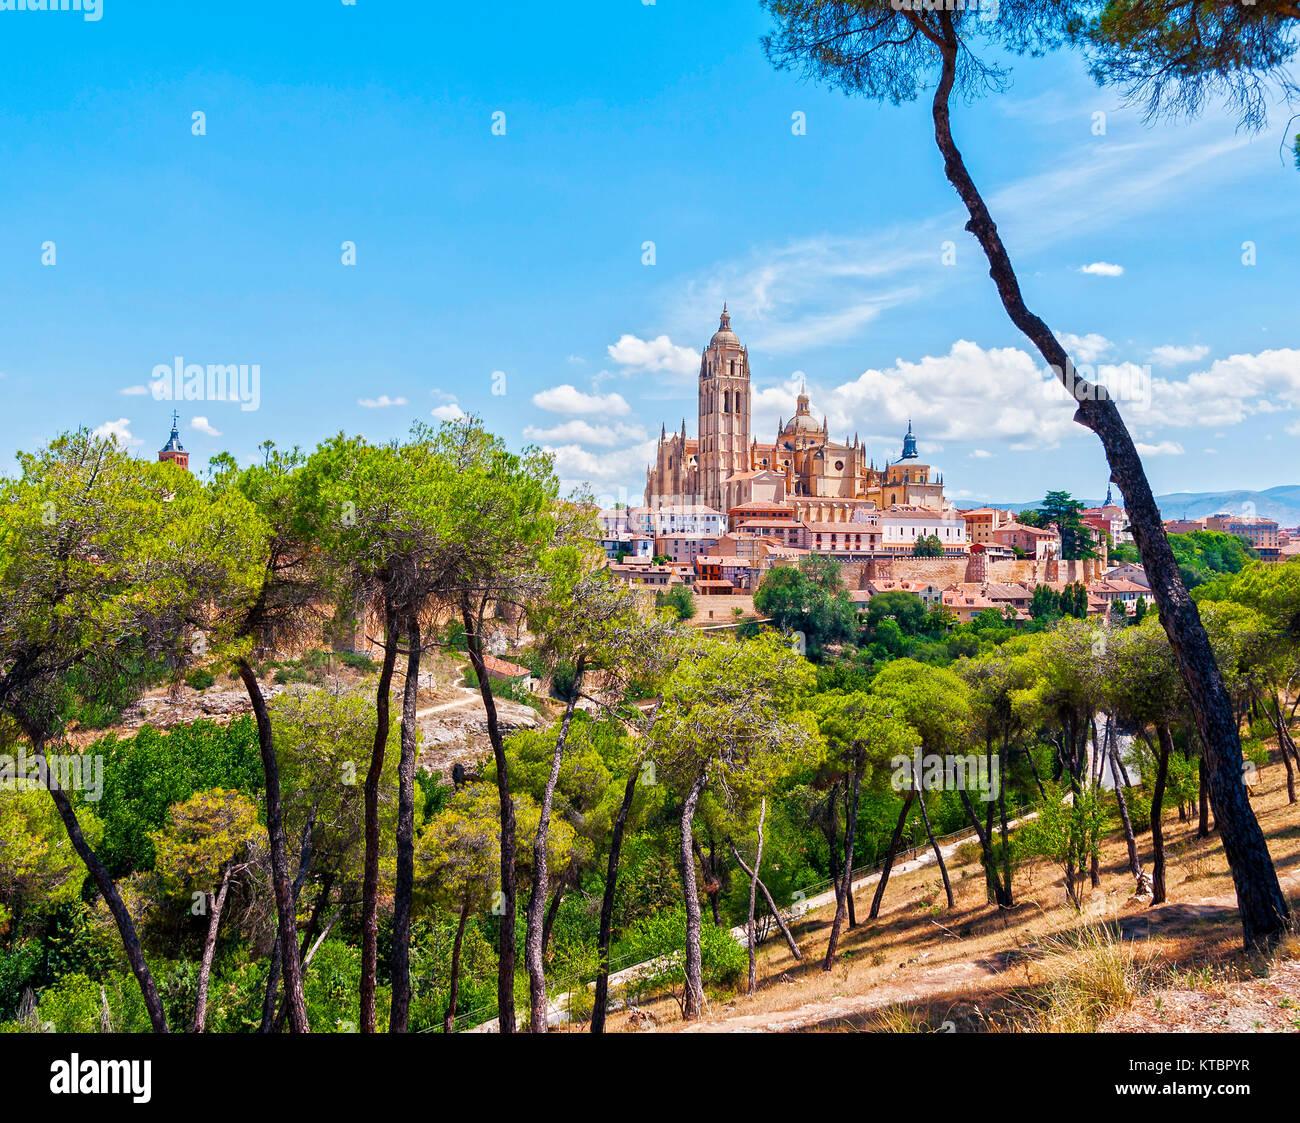 Catedral de Segovia. Castilla León. España. Ciudad patrimonio de la humanidad. Unesco. - Stock Image